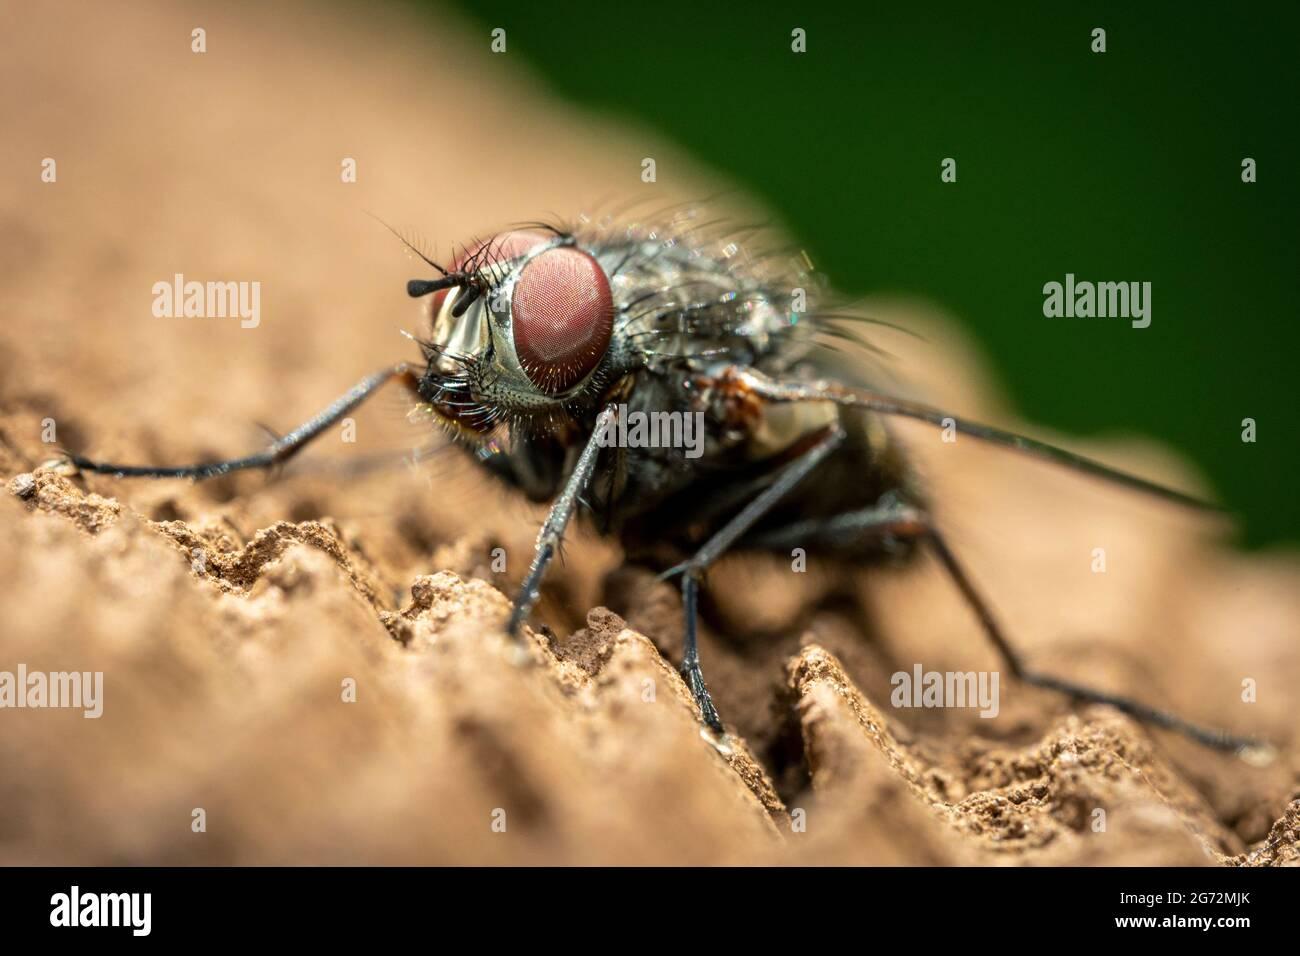 Un primer plano de una mosca con grandes ojos compuestos rojos y un cuerpo negro peludo. Foto de stock